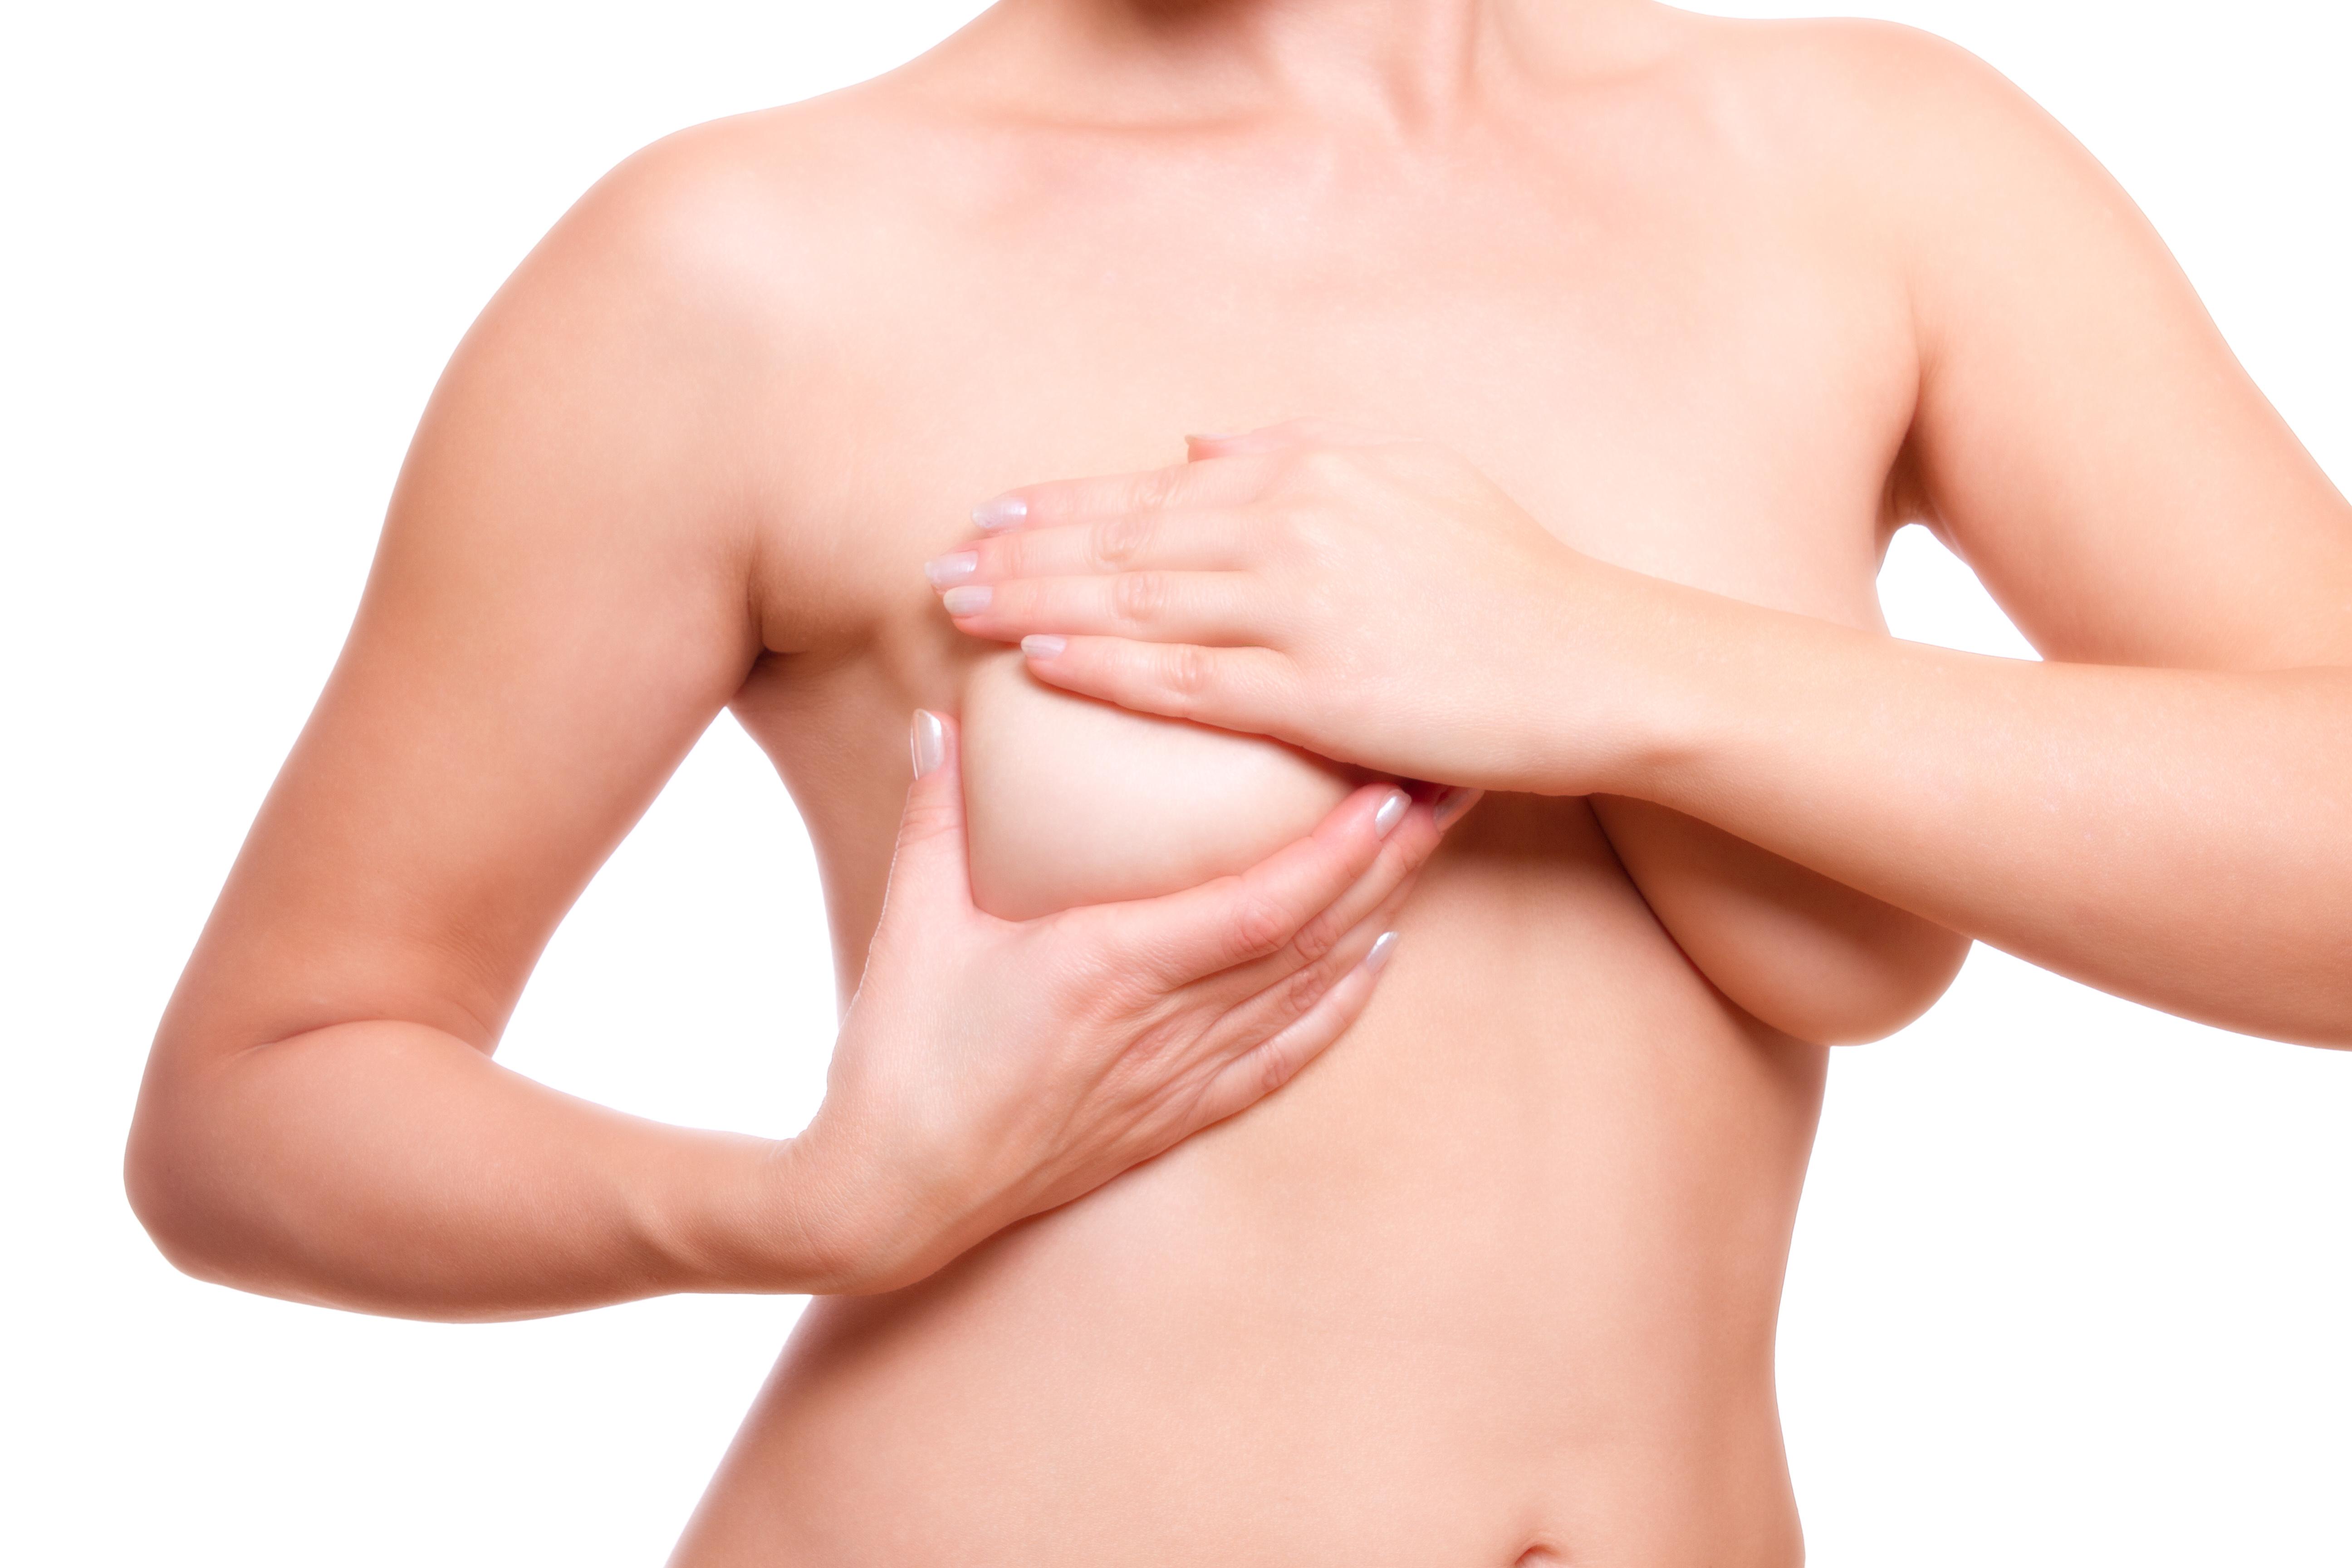 Brustverkleinerung Mnchen Kosten - Dr Luise Berger